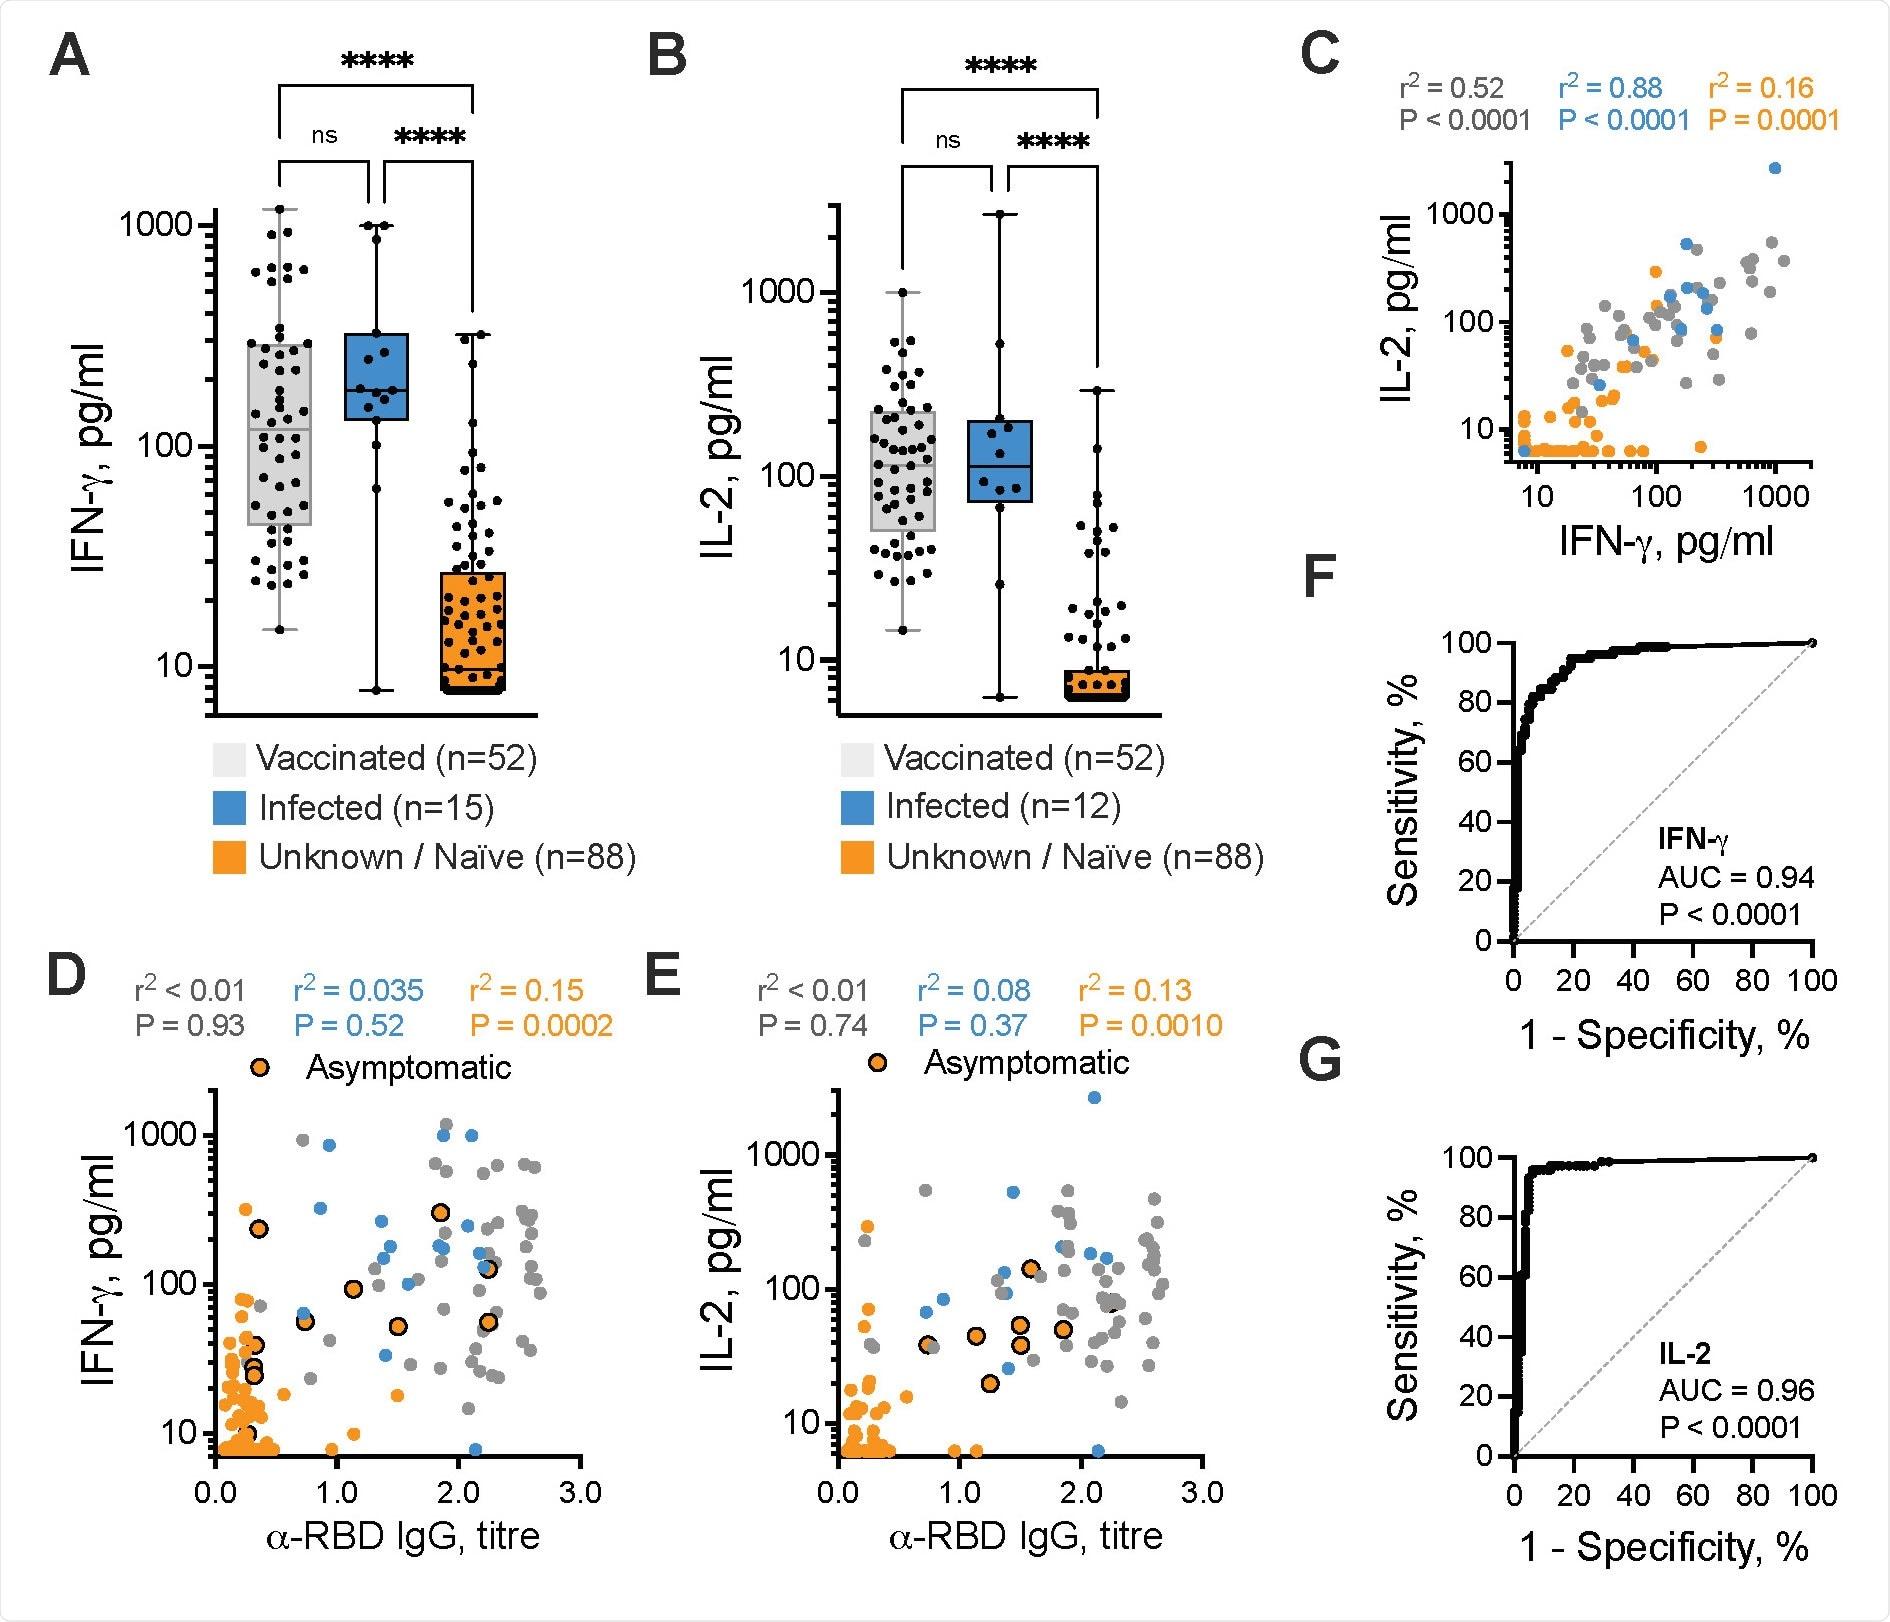 La reacción del linfocito T de SARS-CoV-2-specific determina la infección asintomática anterior. IFN-g (a) y la baja de IL-2 (b) en respuesta al centro común del péptido de SARS-CoV-2 S-/NP-/Mcombined fueron medidos en 156 participantes evaluable, subdivididos en ésos con la vacunación anterior COVID-19 (gris, n = 52), el resultado de la prueba anterior de la polimerización en cadena de COVID-19-positive (azul, n = 12-15), o ésos sin la prueba anterior del positivo COVID-19, llamada desconocido del `/naïve